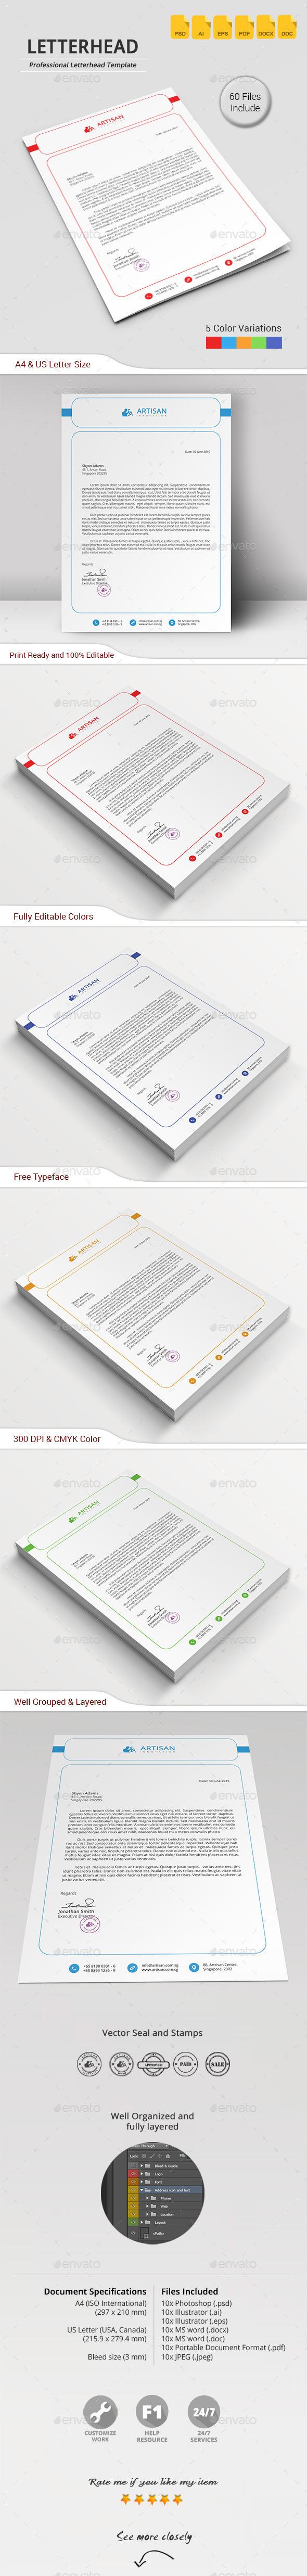 GraphicRiver Letterhead 11808351